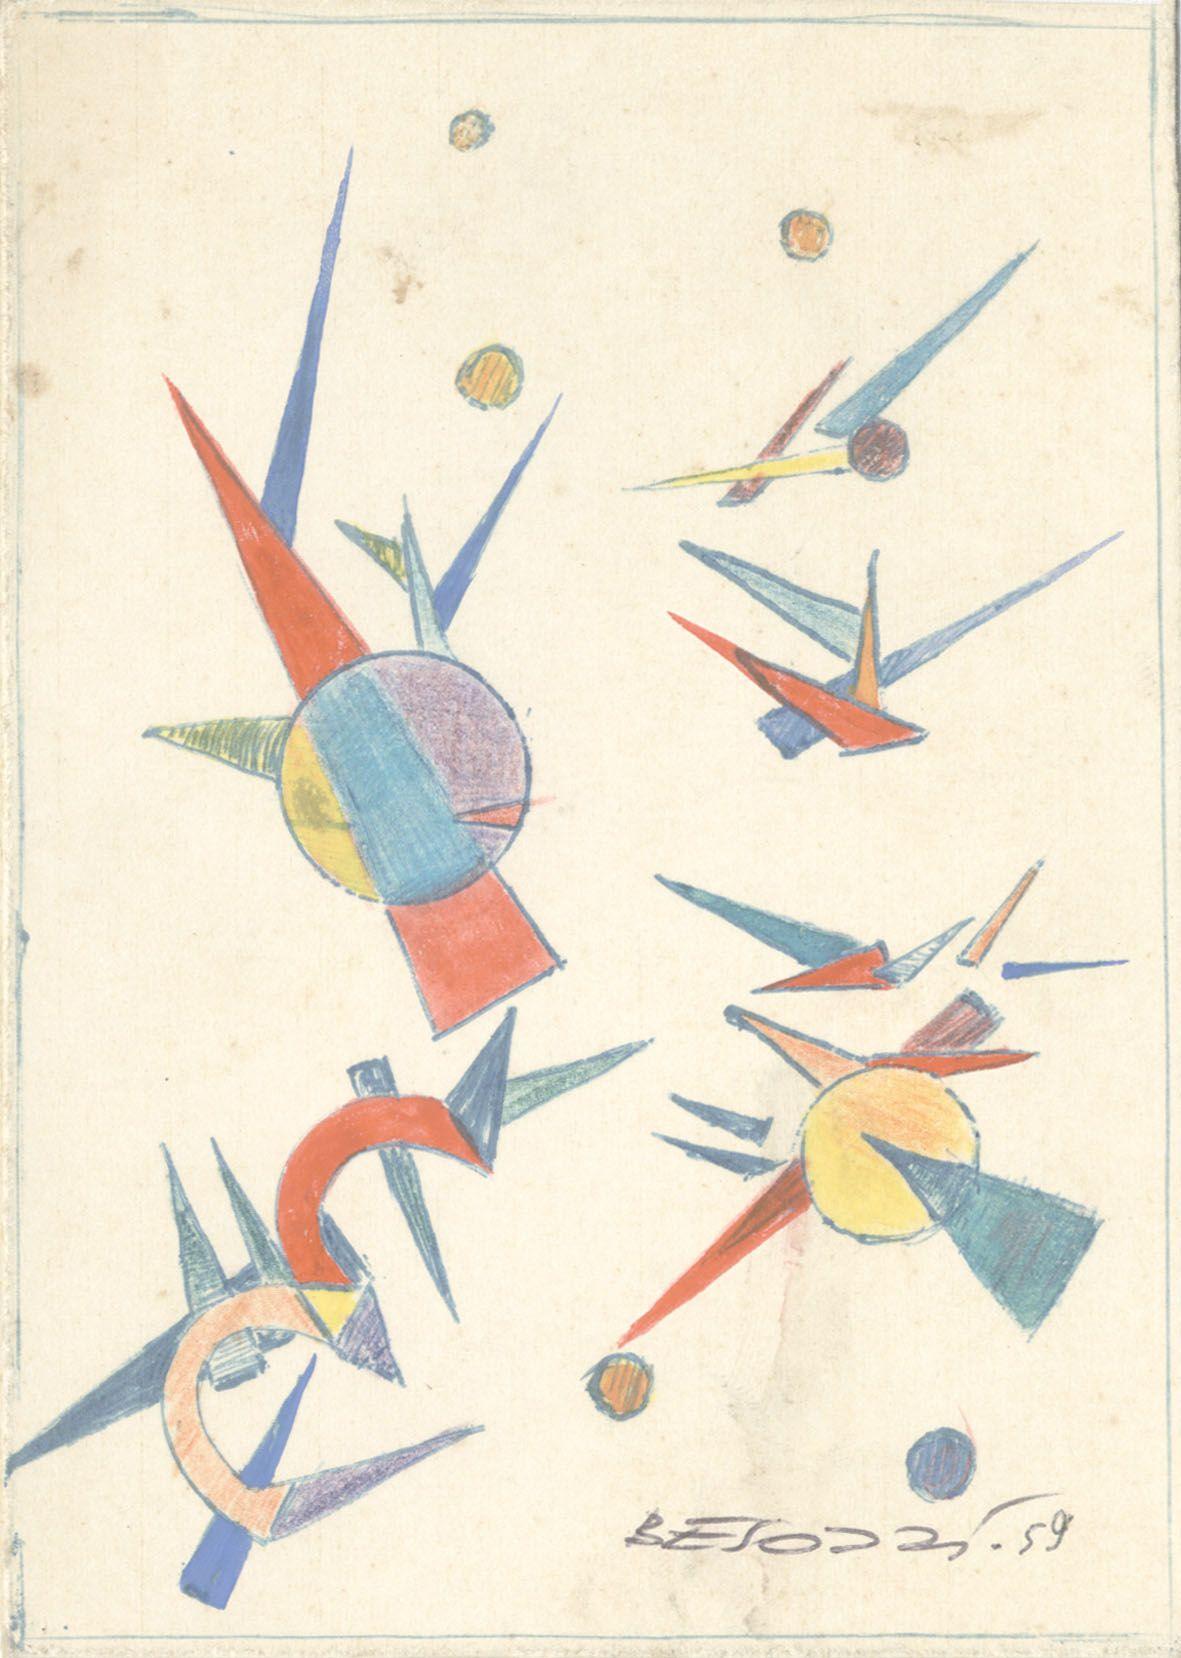 E. Besozzi pitt. 1959 Composizione biro pastelli e tempera su cartoncino cm. 13,6x9,8 arc. 643